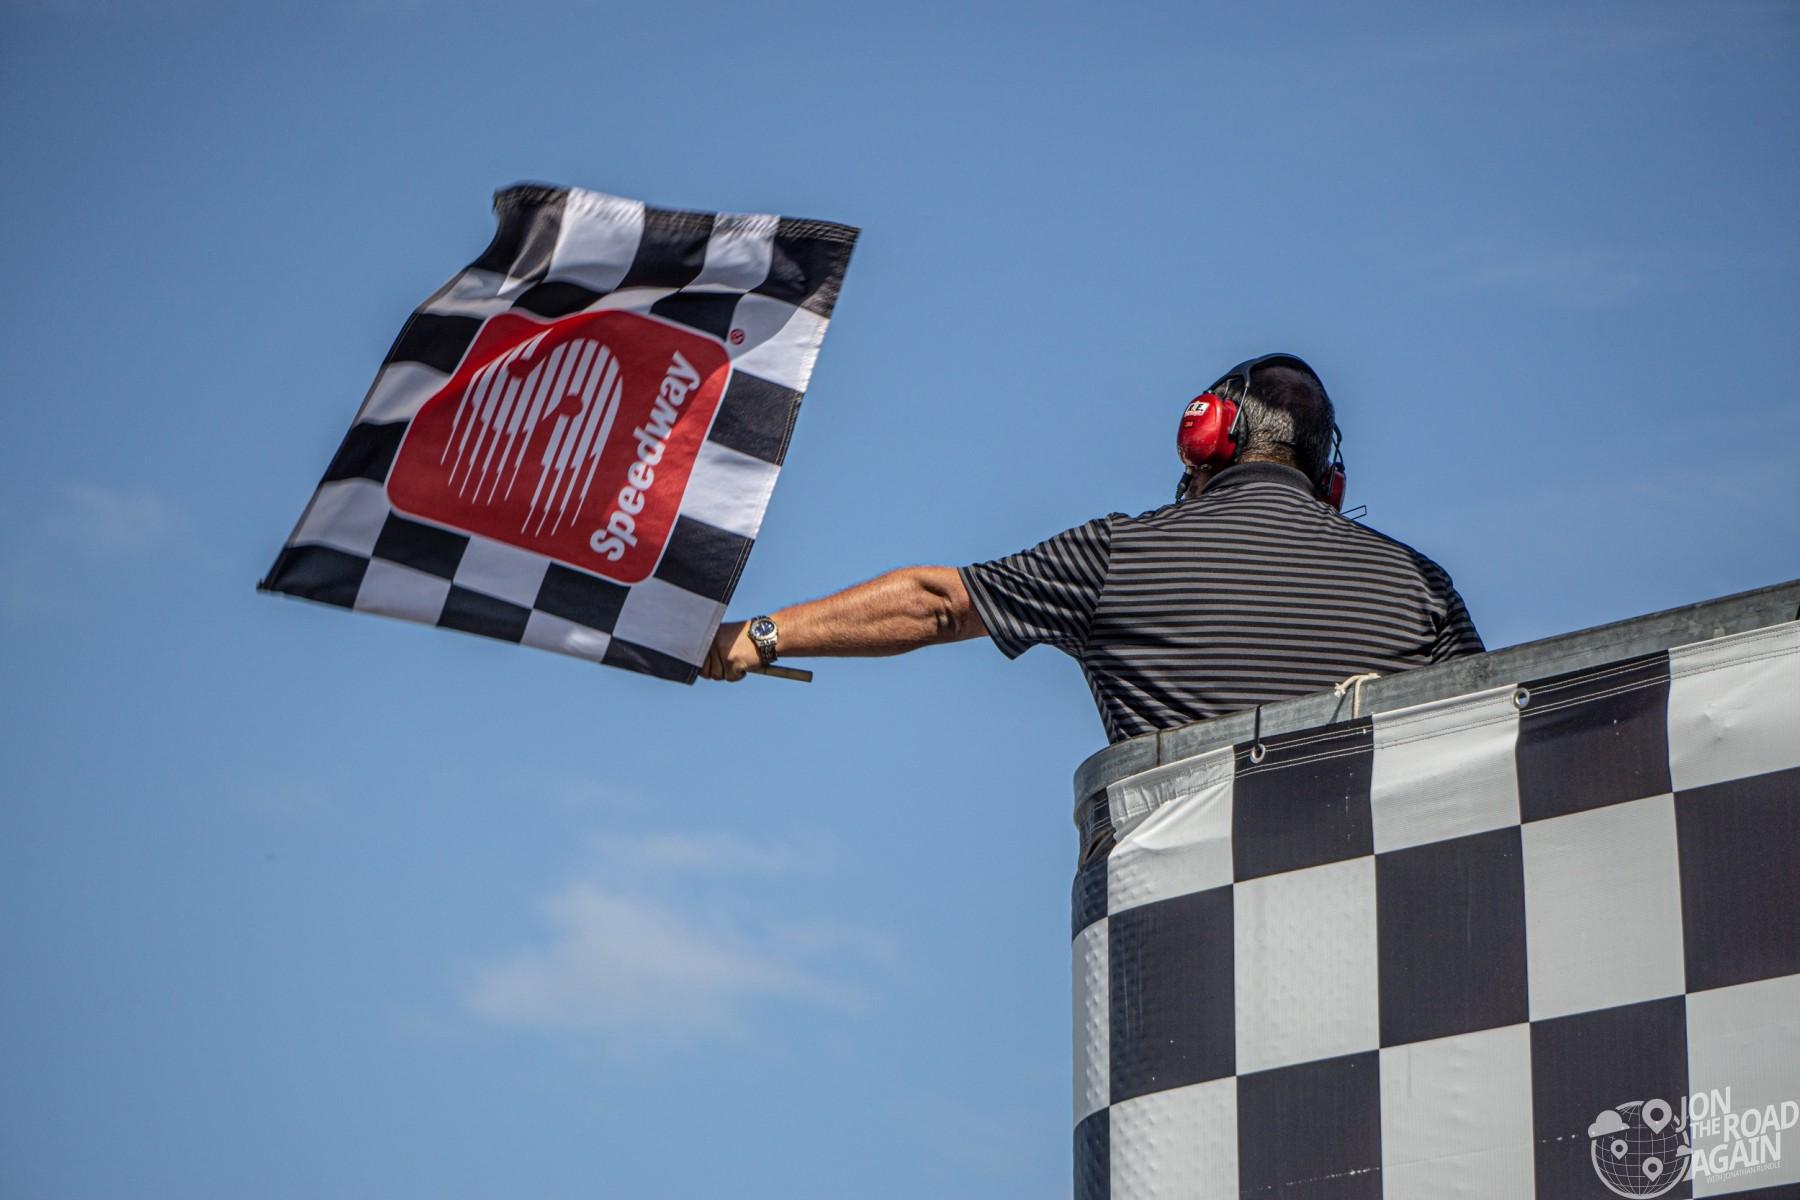 Grand Prix of Portland checkered flag